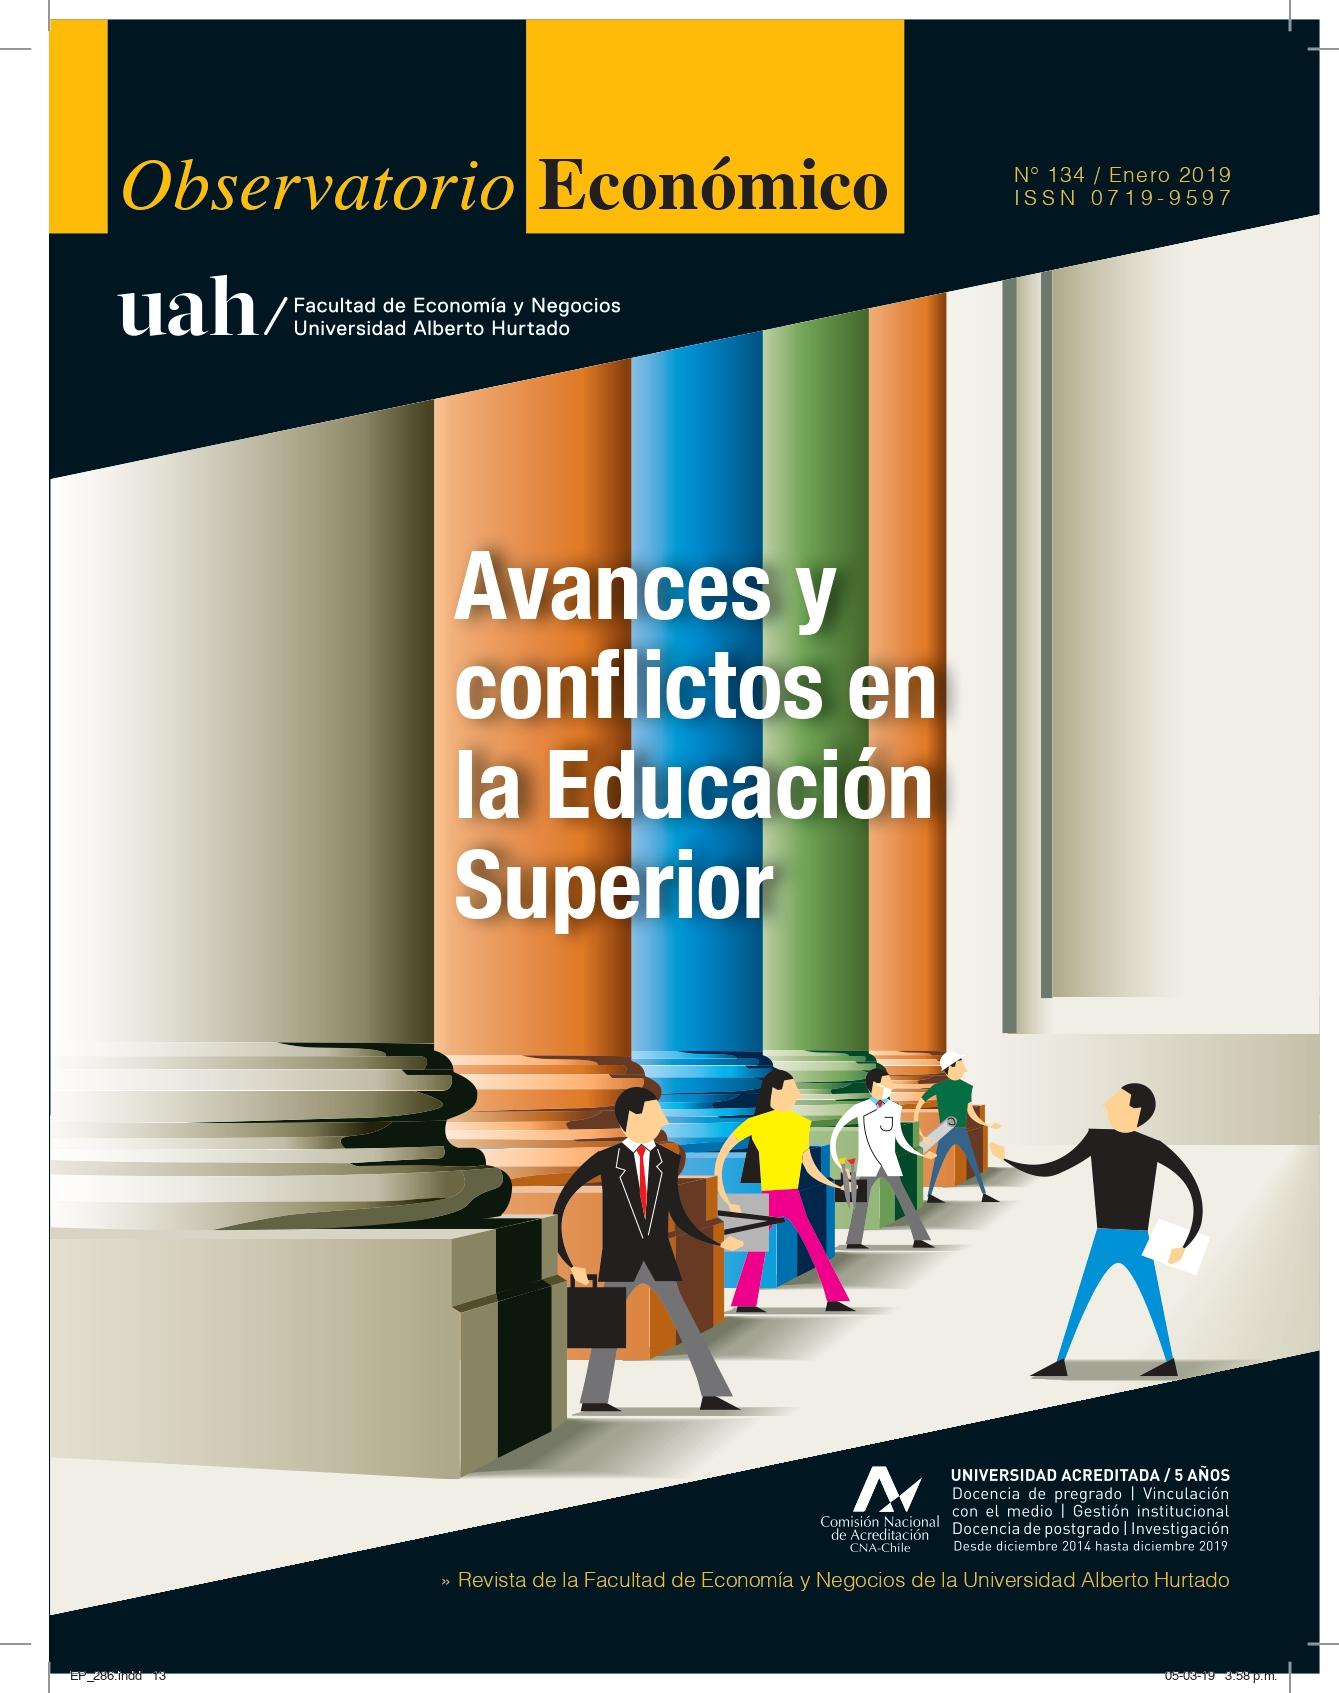 """Título del número de la revista : """"Avances y conflictos en la Educación Superior"""""""